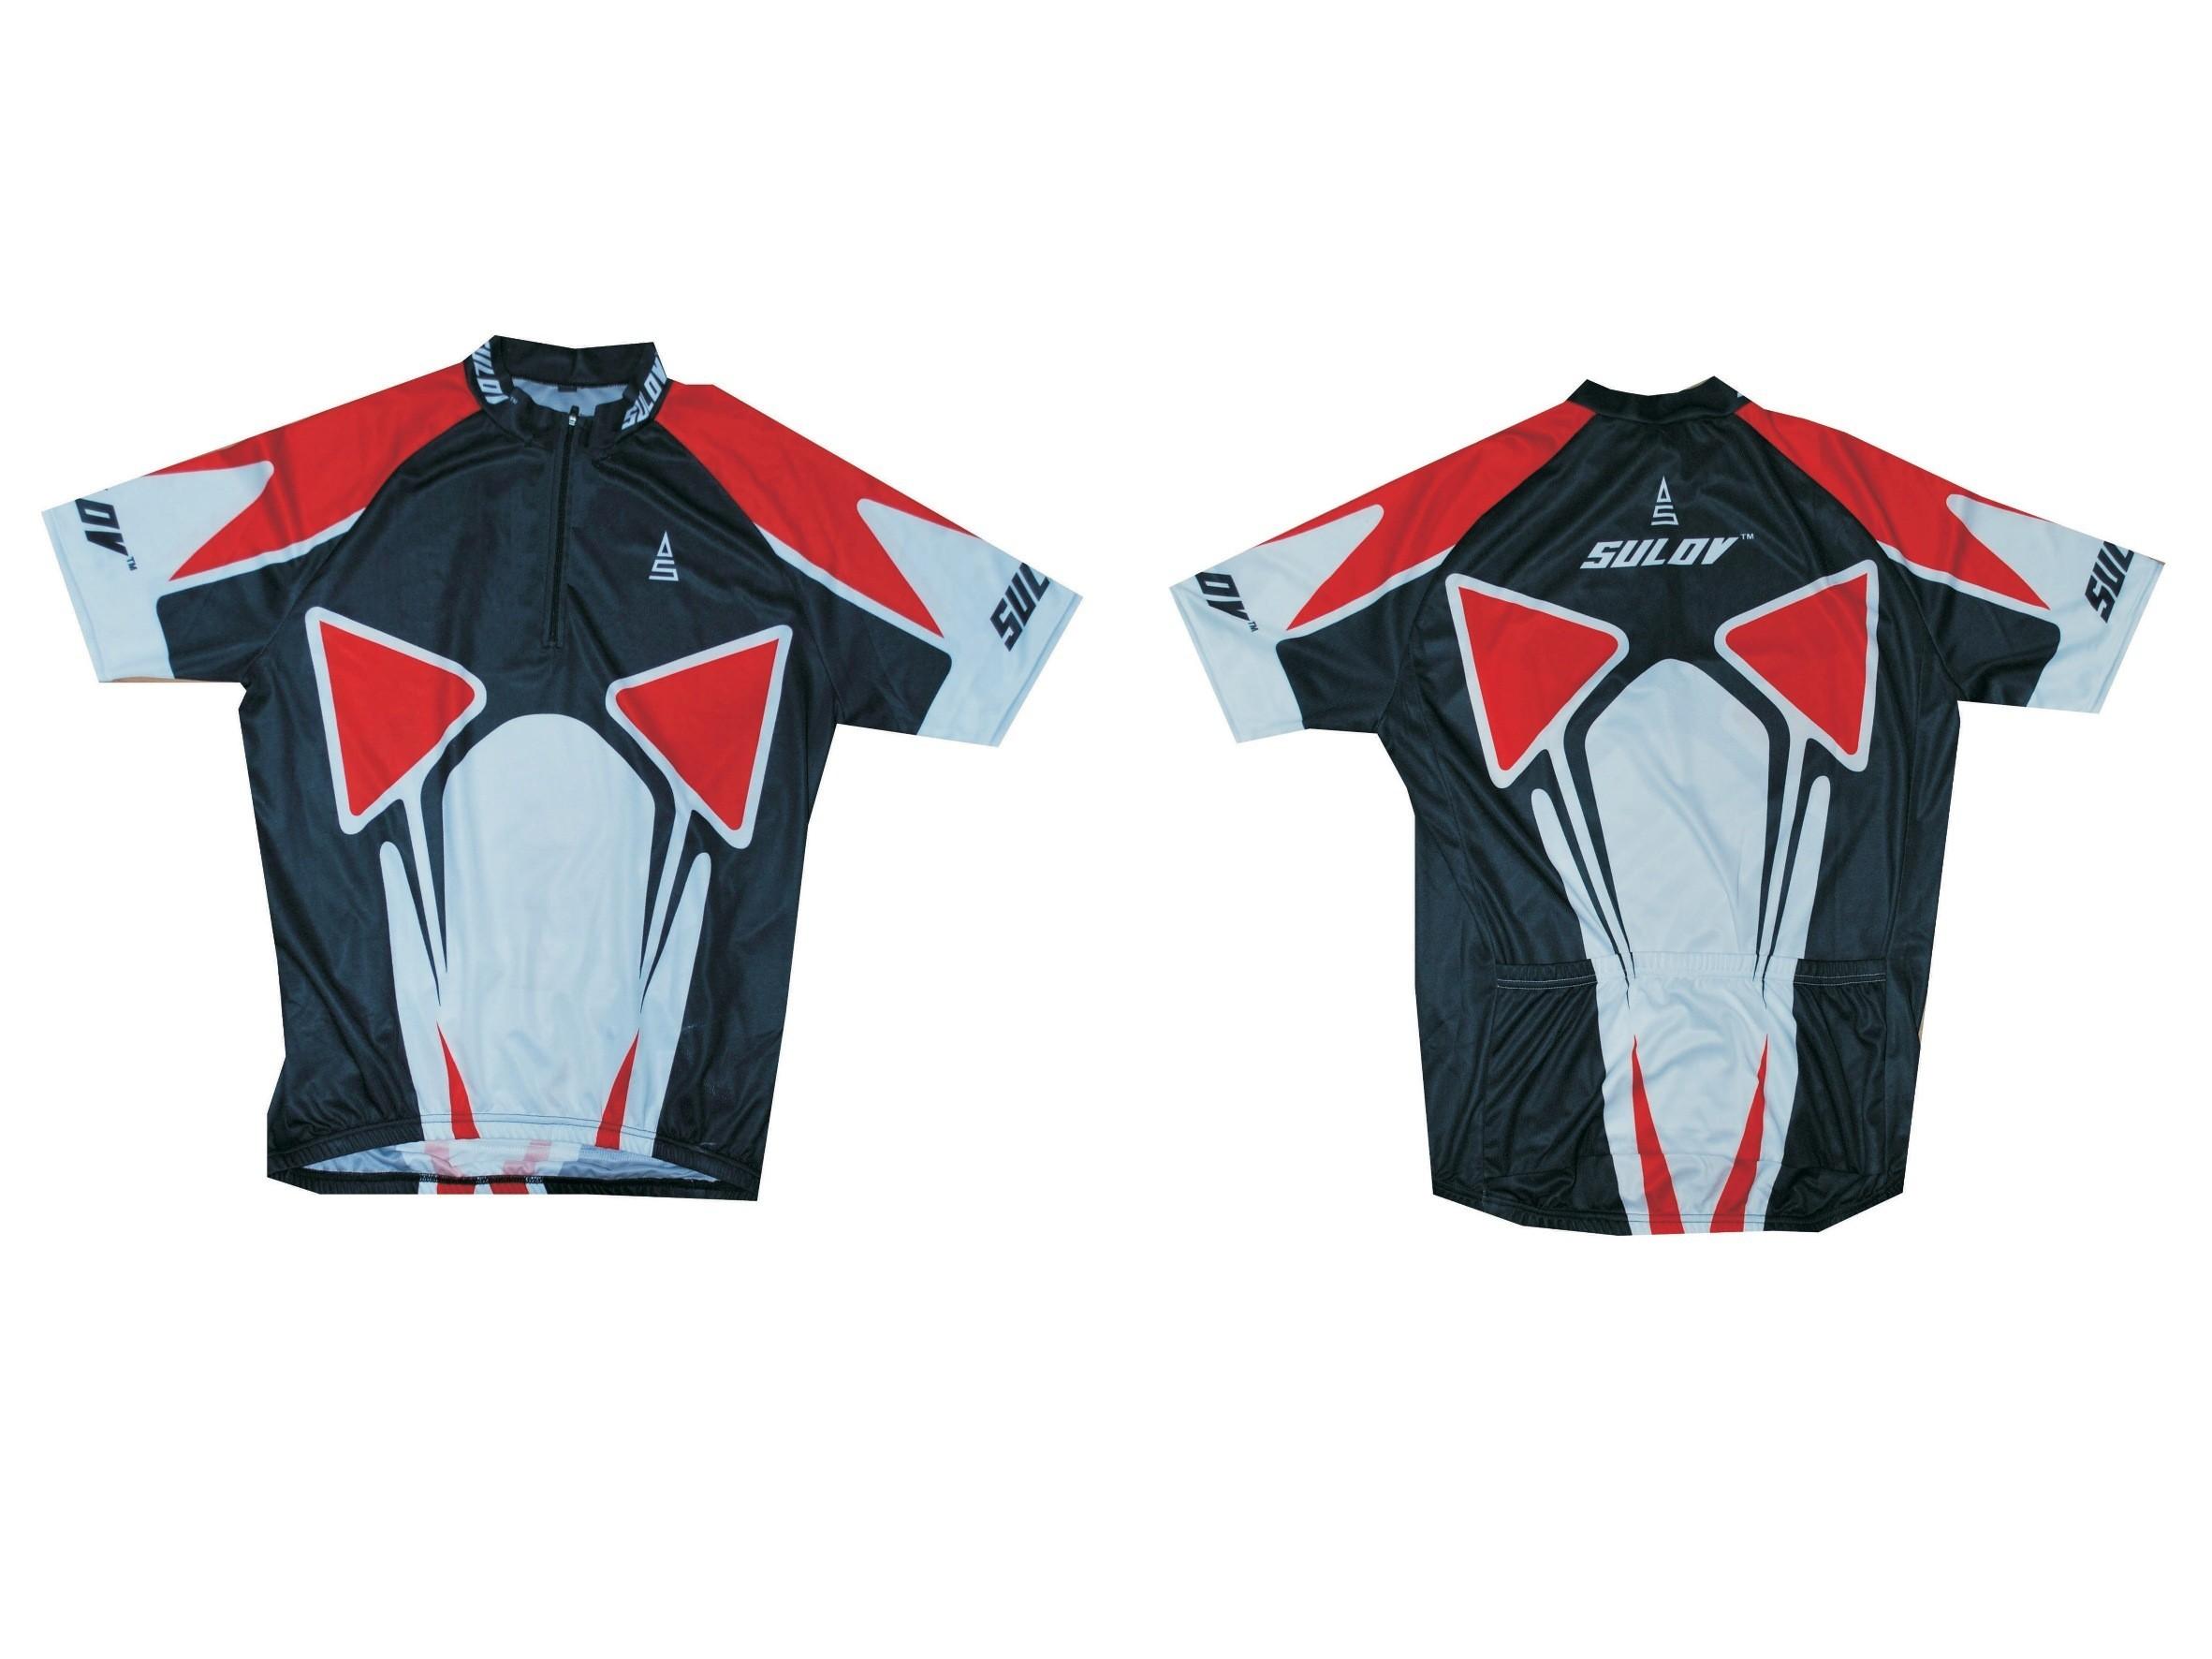 Cyklistický dres SULOV, vel. XL, červený